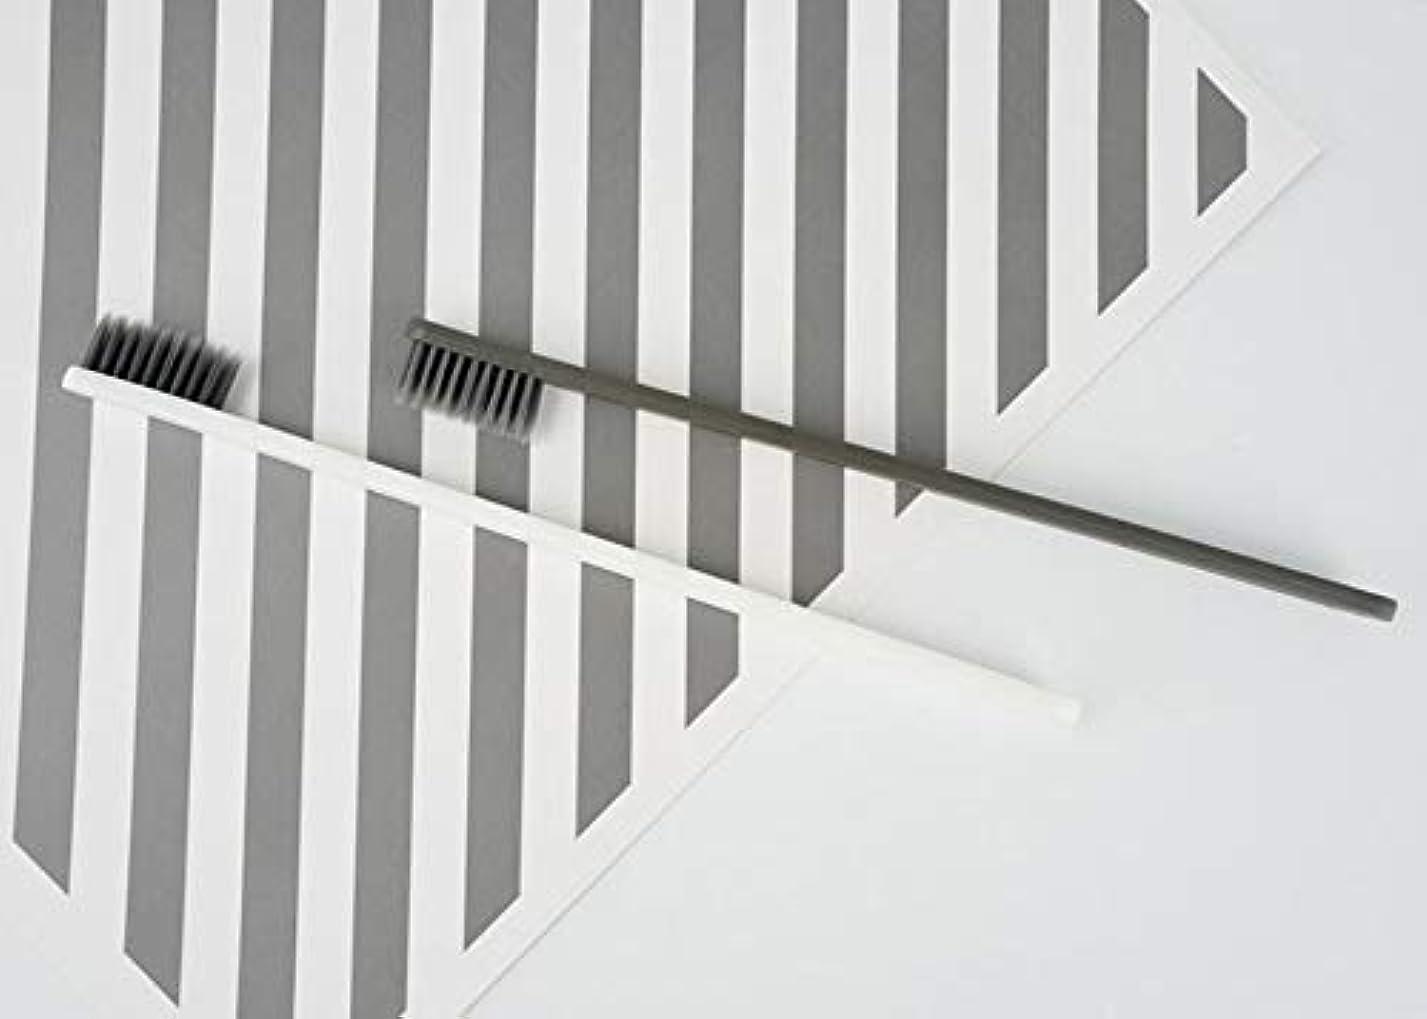 電話切り下げ贅沢なホテル歯ブラシ - 5個のファッション 活性炭歯ブラシ 家族のための 口腔洗浄ツール(グレー)